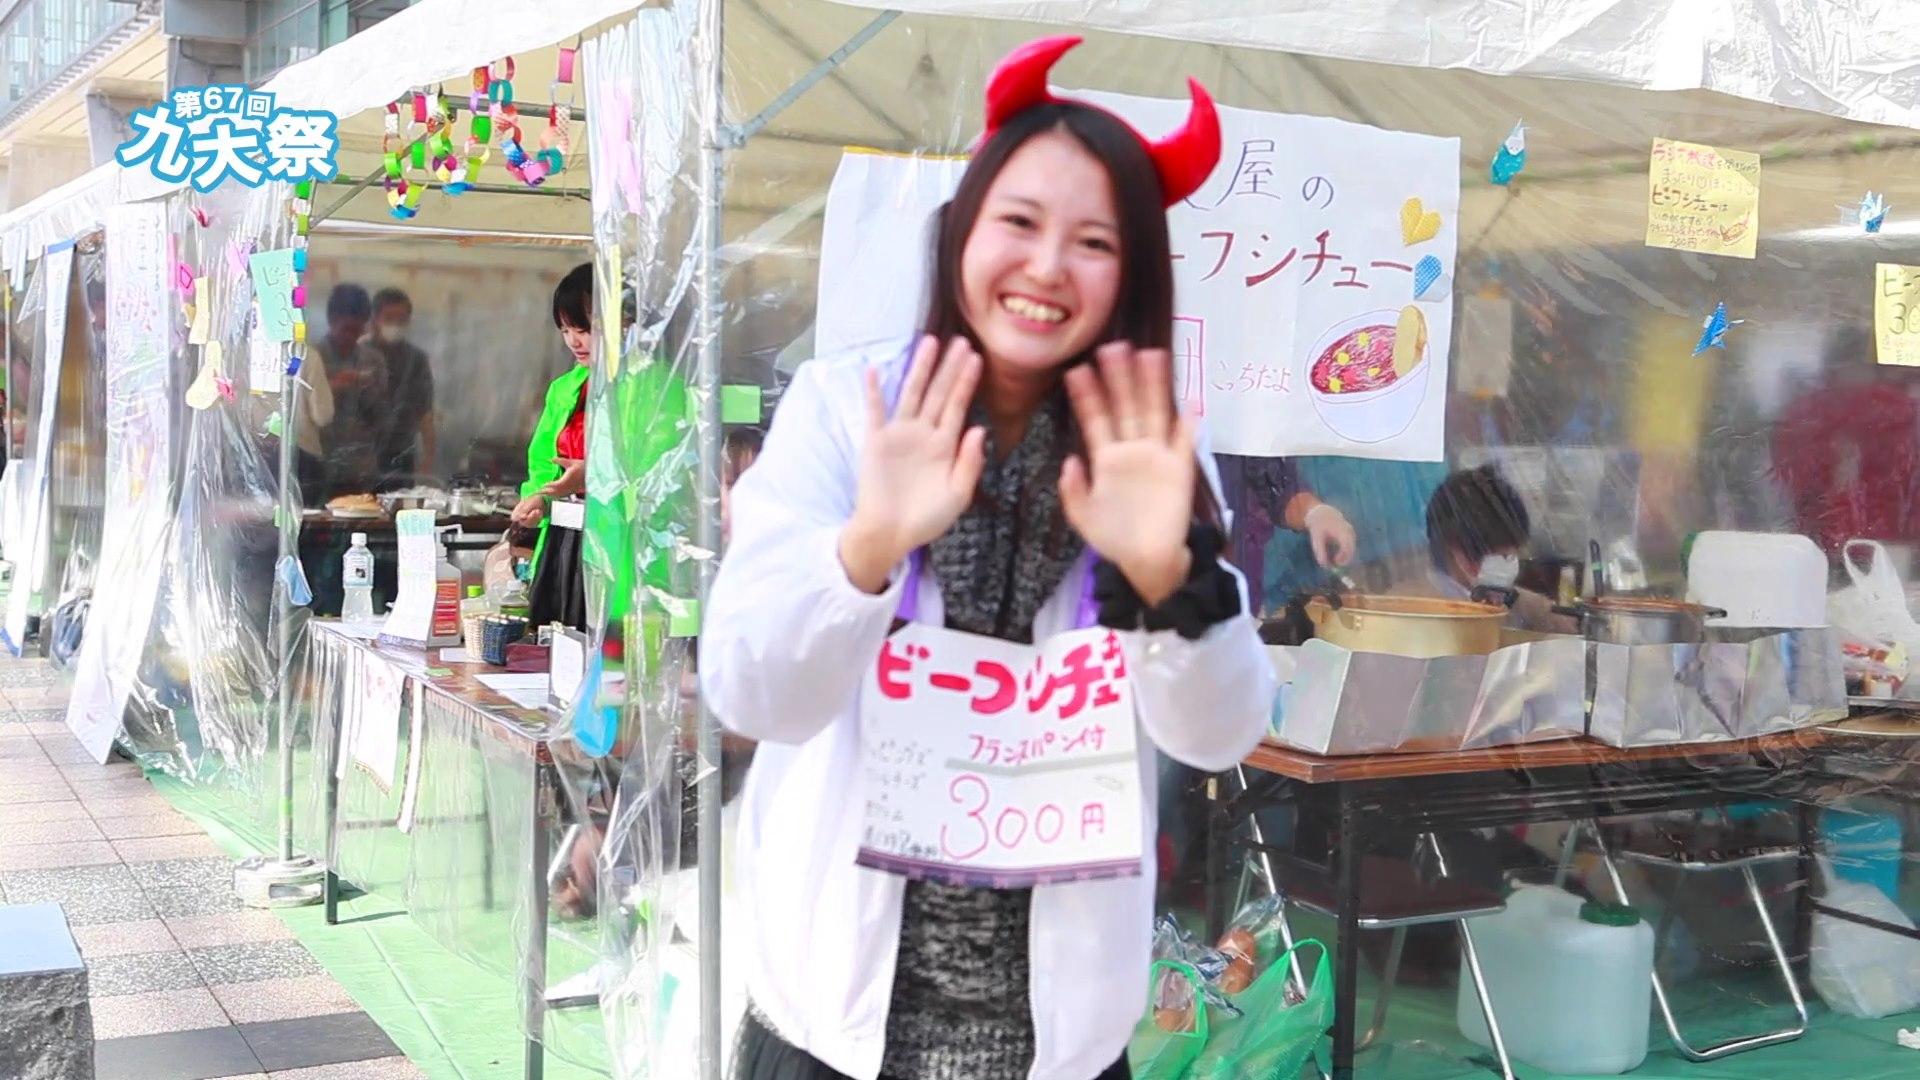 第67回 九州大学学祭.mov_000126267